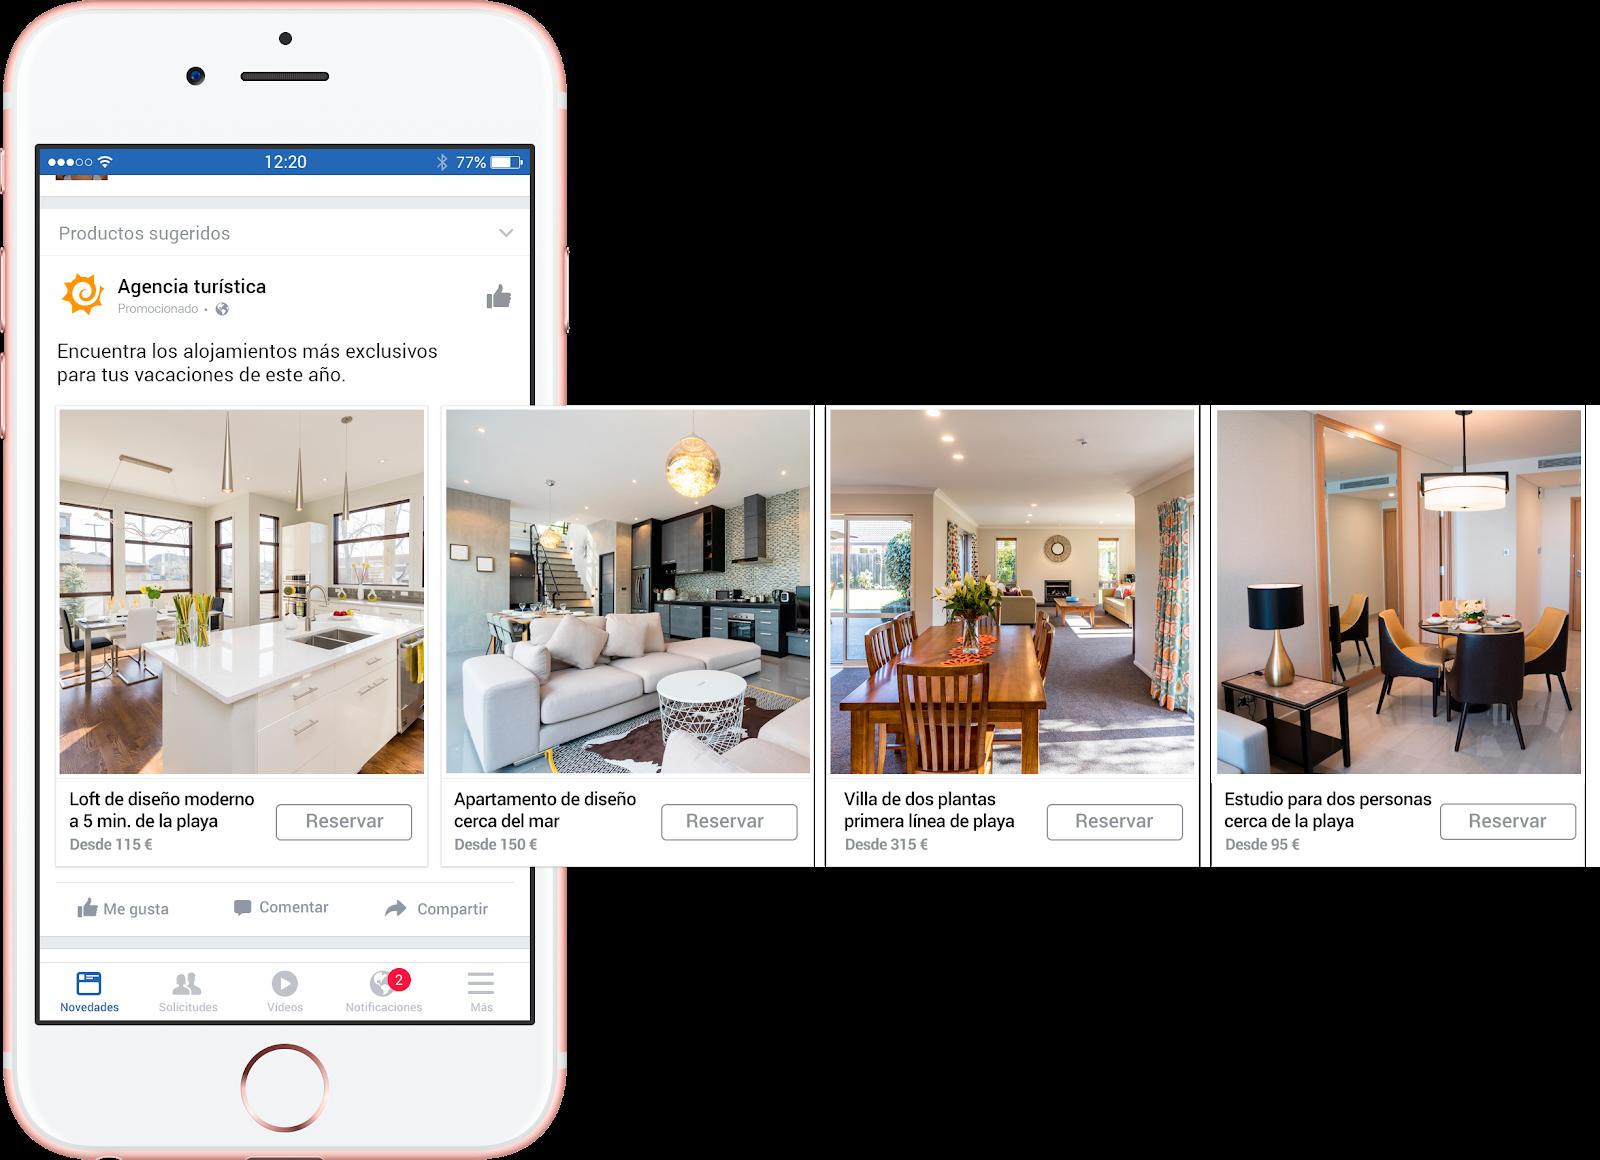 ¿Cómo hacer remarketing dinámico con Facebook y net2rent? - net2rent - Software de Alquiler Vacacional